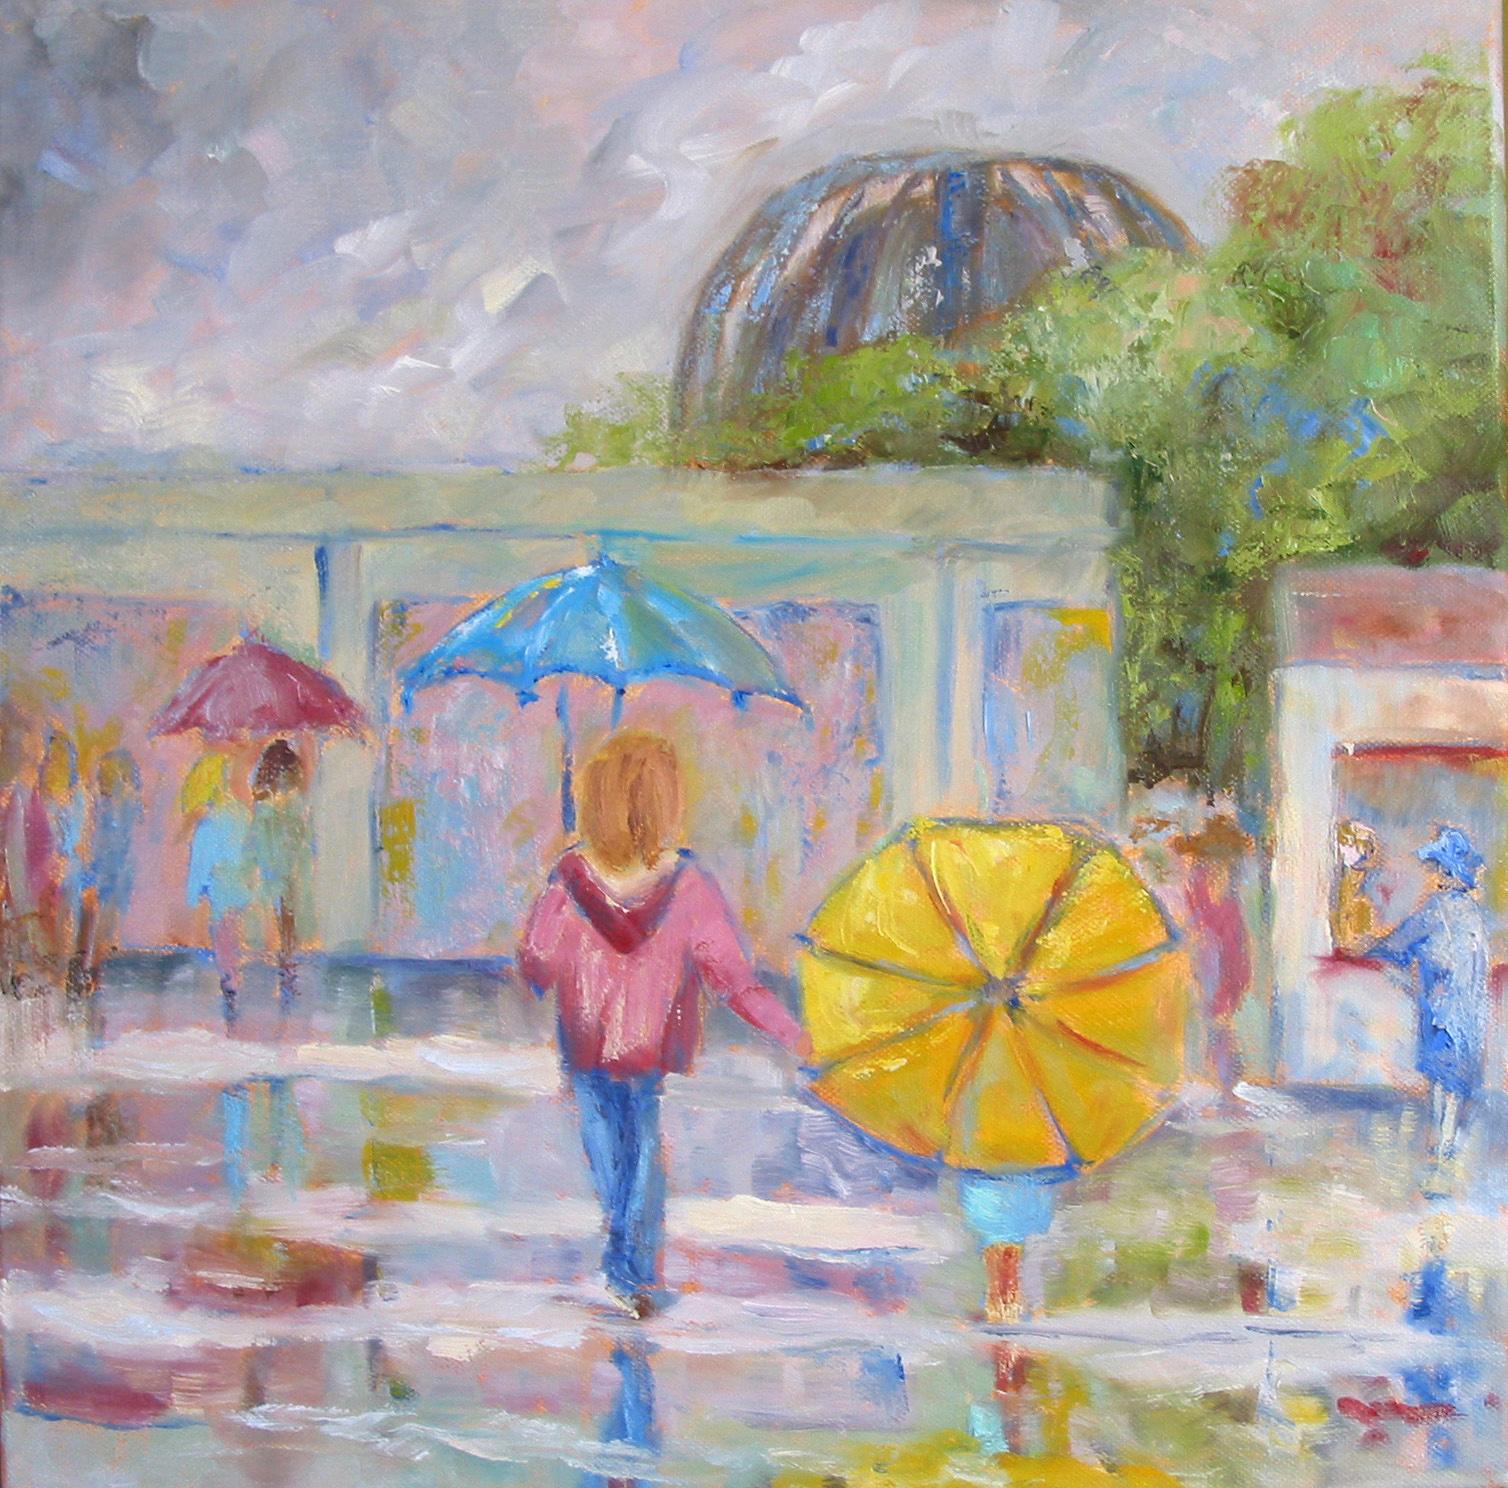 Viens maman, il pleut